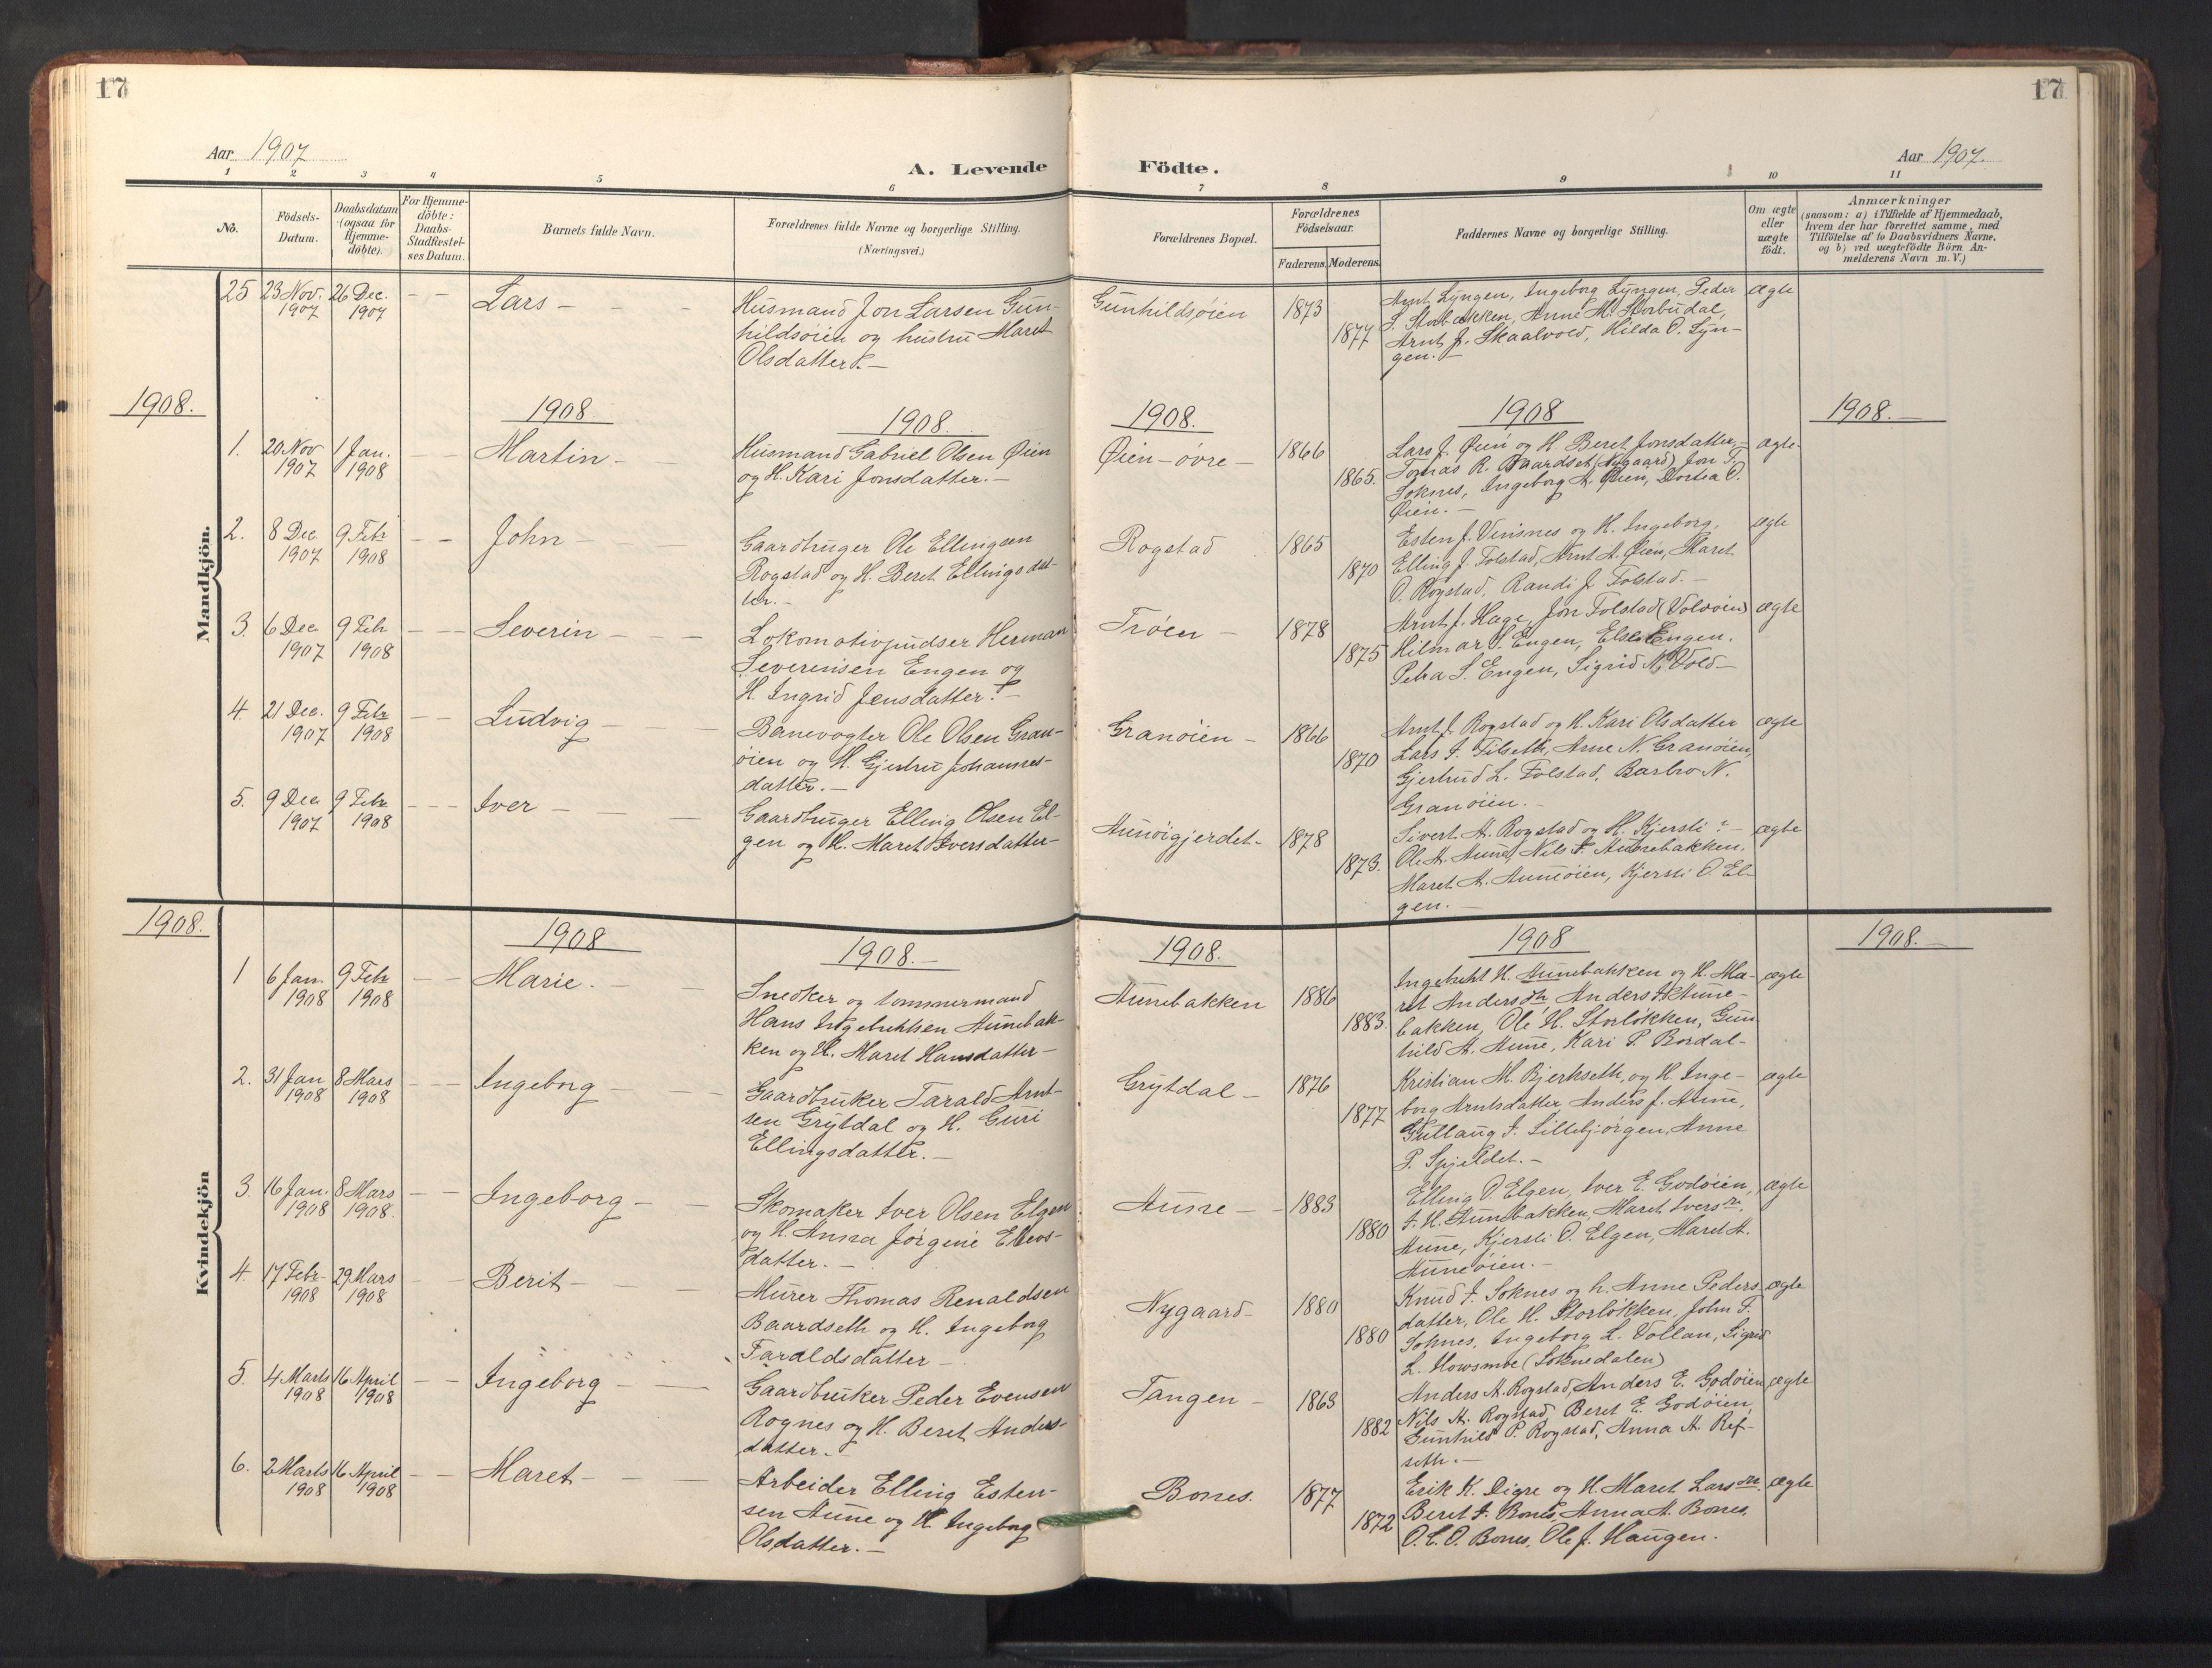 SAT, Ministerialprotokoller, klokkerbøker og fødselsregistre - Sør-Trøndelag, 687/L1019: Klokkerbok nr. 687C03, 1904-1931, s. 17